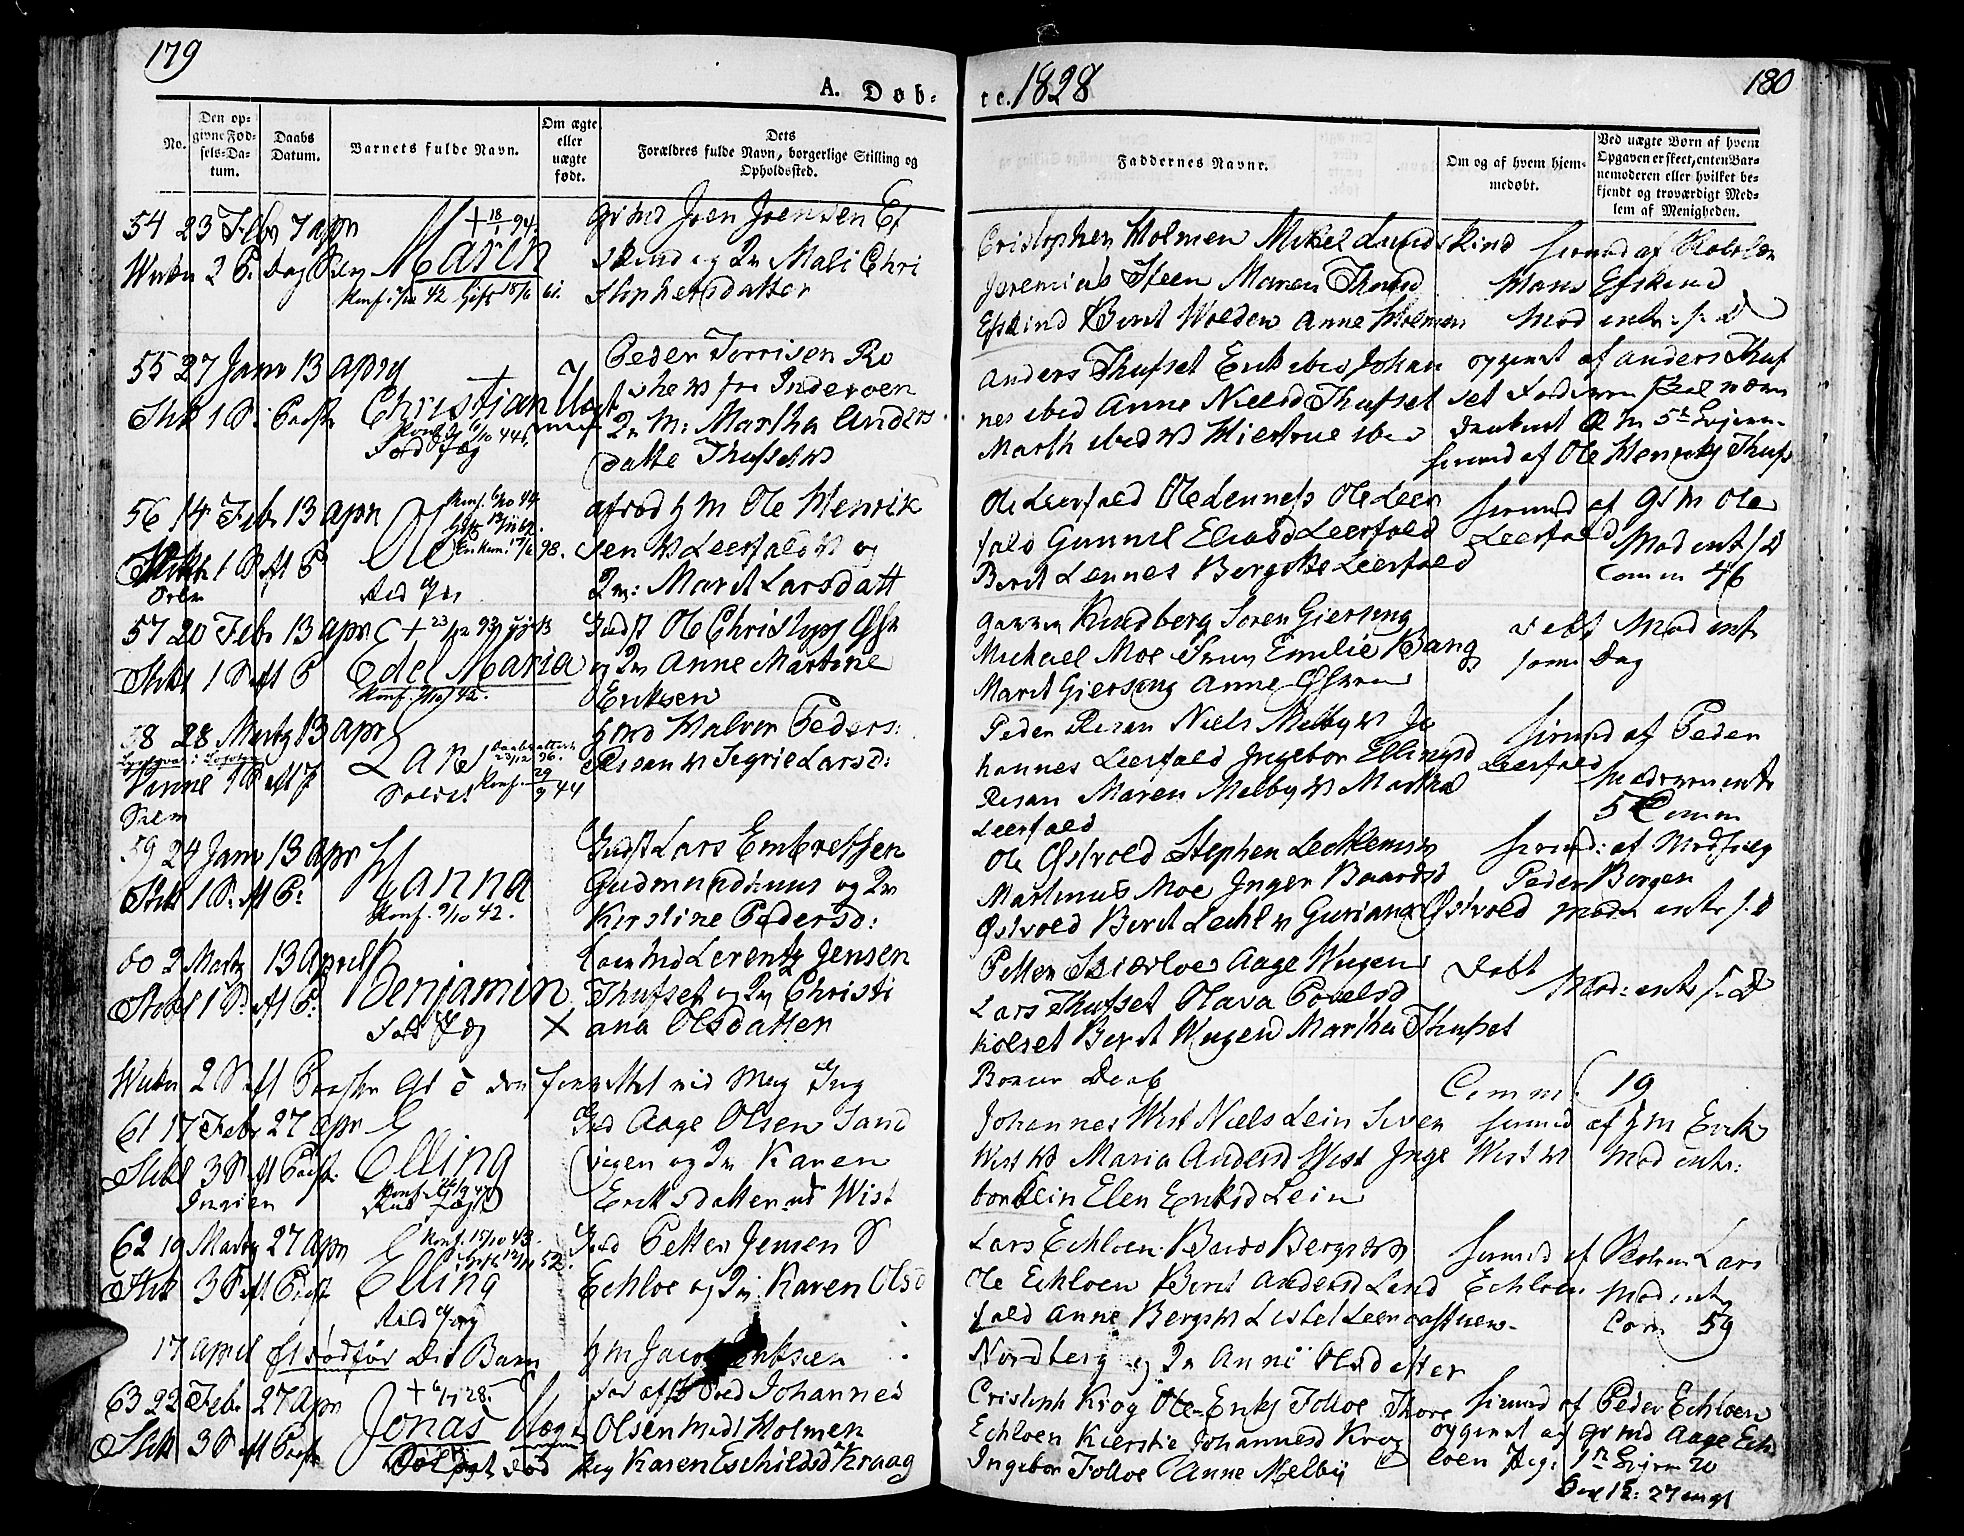 SAT, Ministerialprotokoller, klokkerbøker og fødselsregistre - Nord-Trøndelag, 723/L0237: Parish register (official) no. 723A06, 1822-1830, p. 179-180